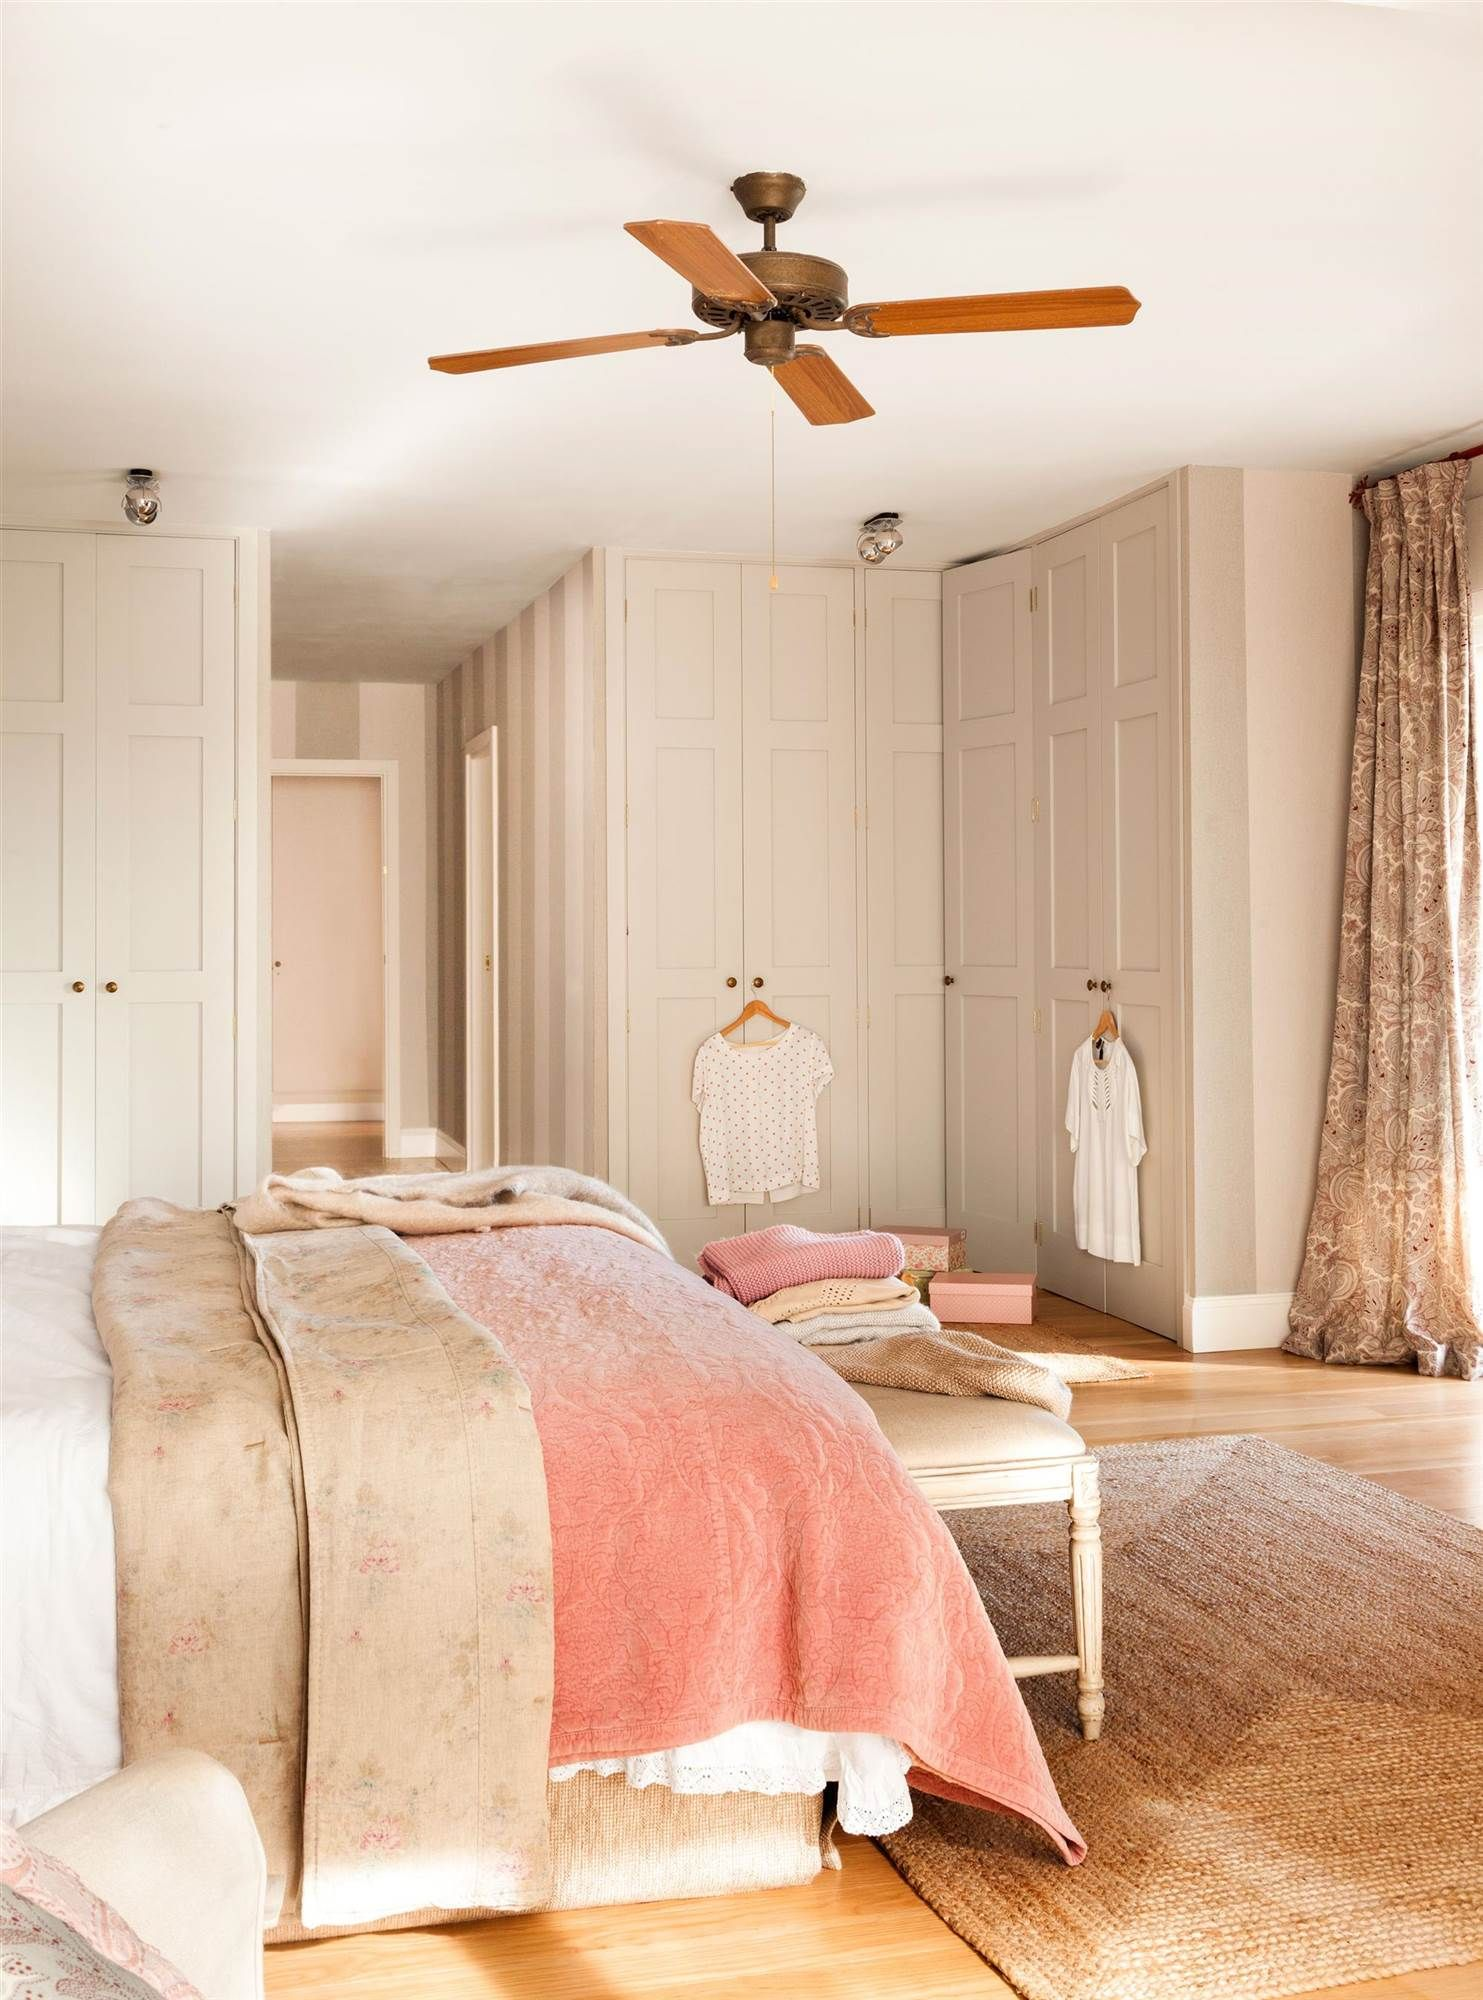 En esquina en 2019 dormitori armarios armario esquina y dormitorios - Armarios empotrados en esquina ...